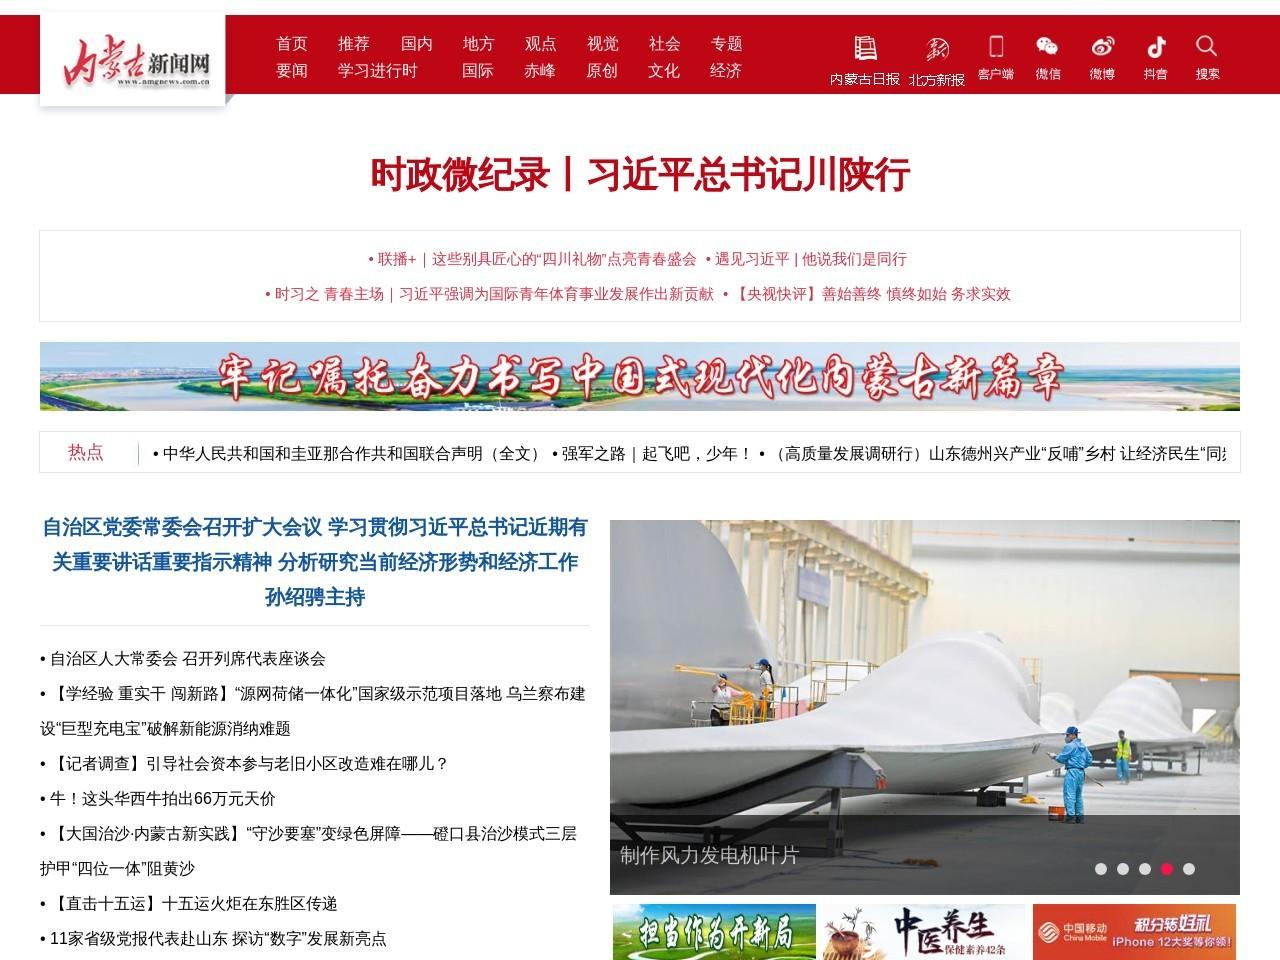 内蒙古新闻网_内蒙古综合性门户网站